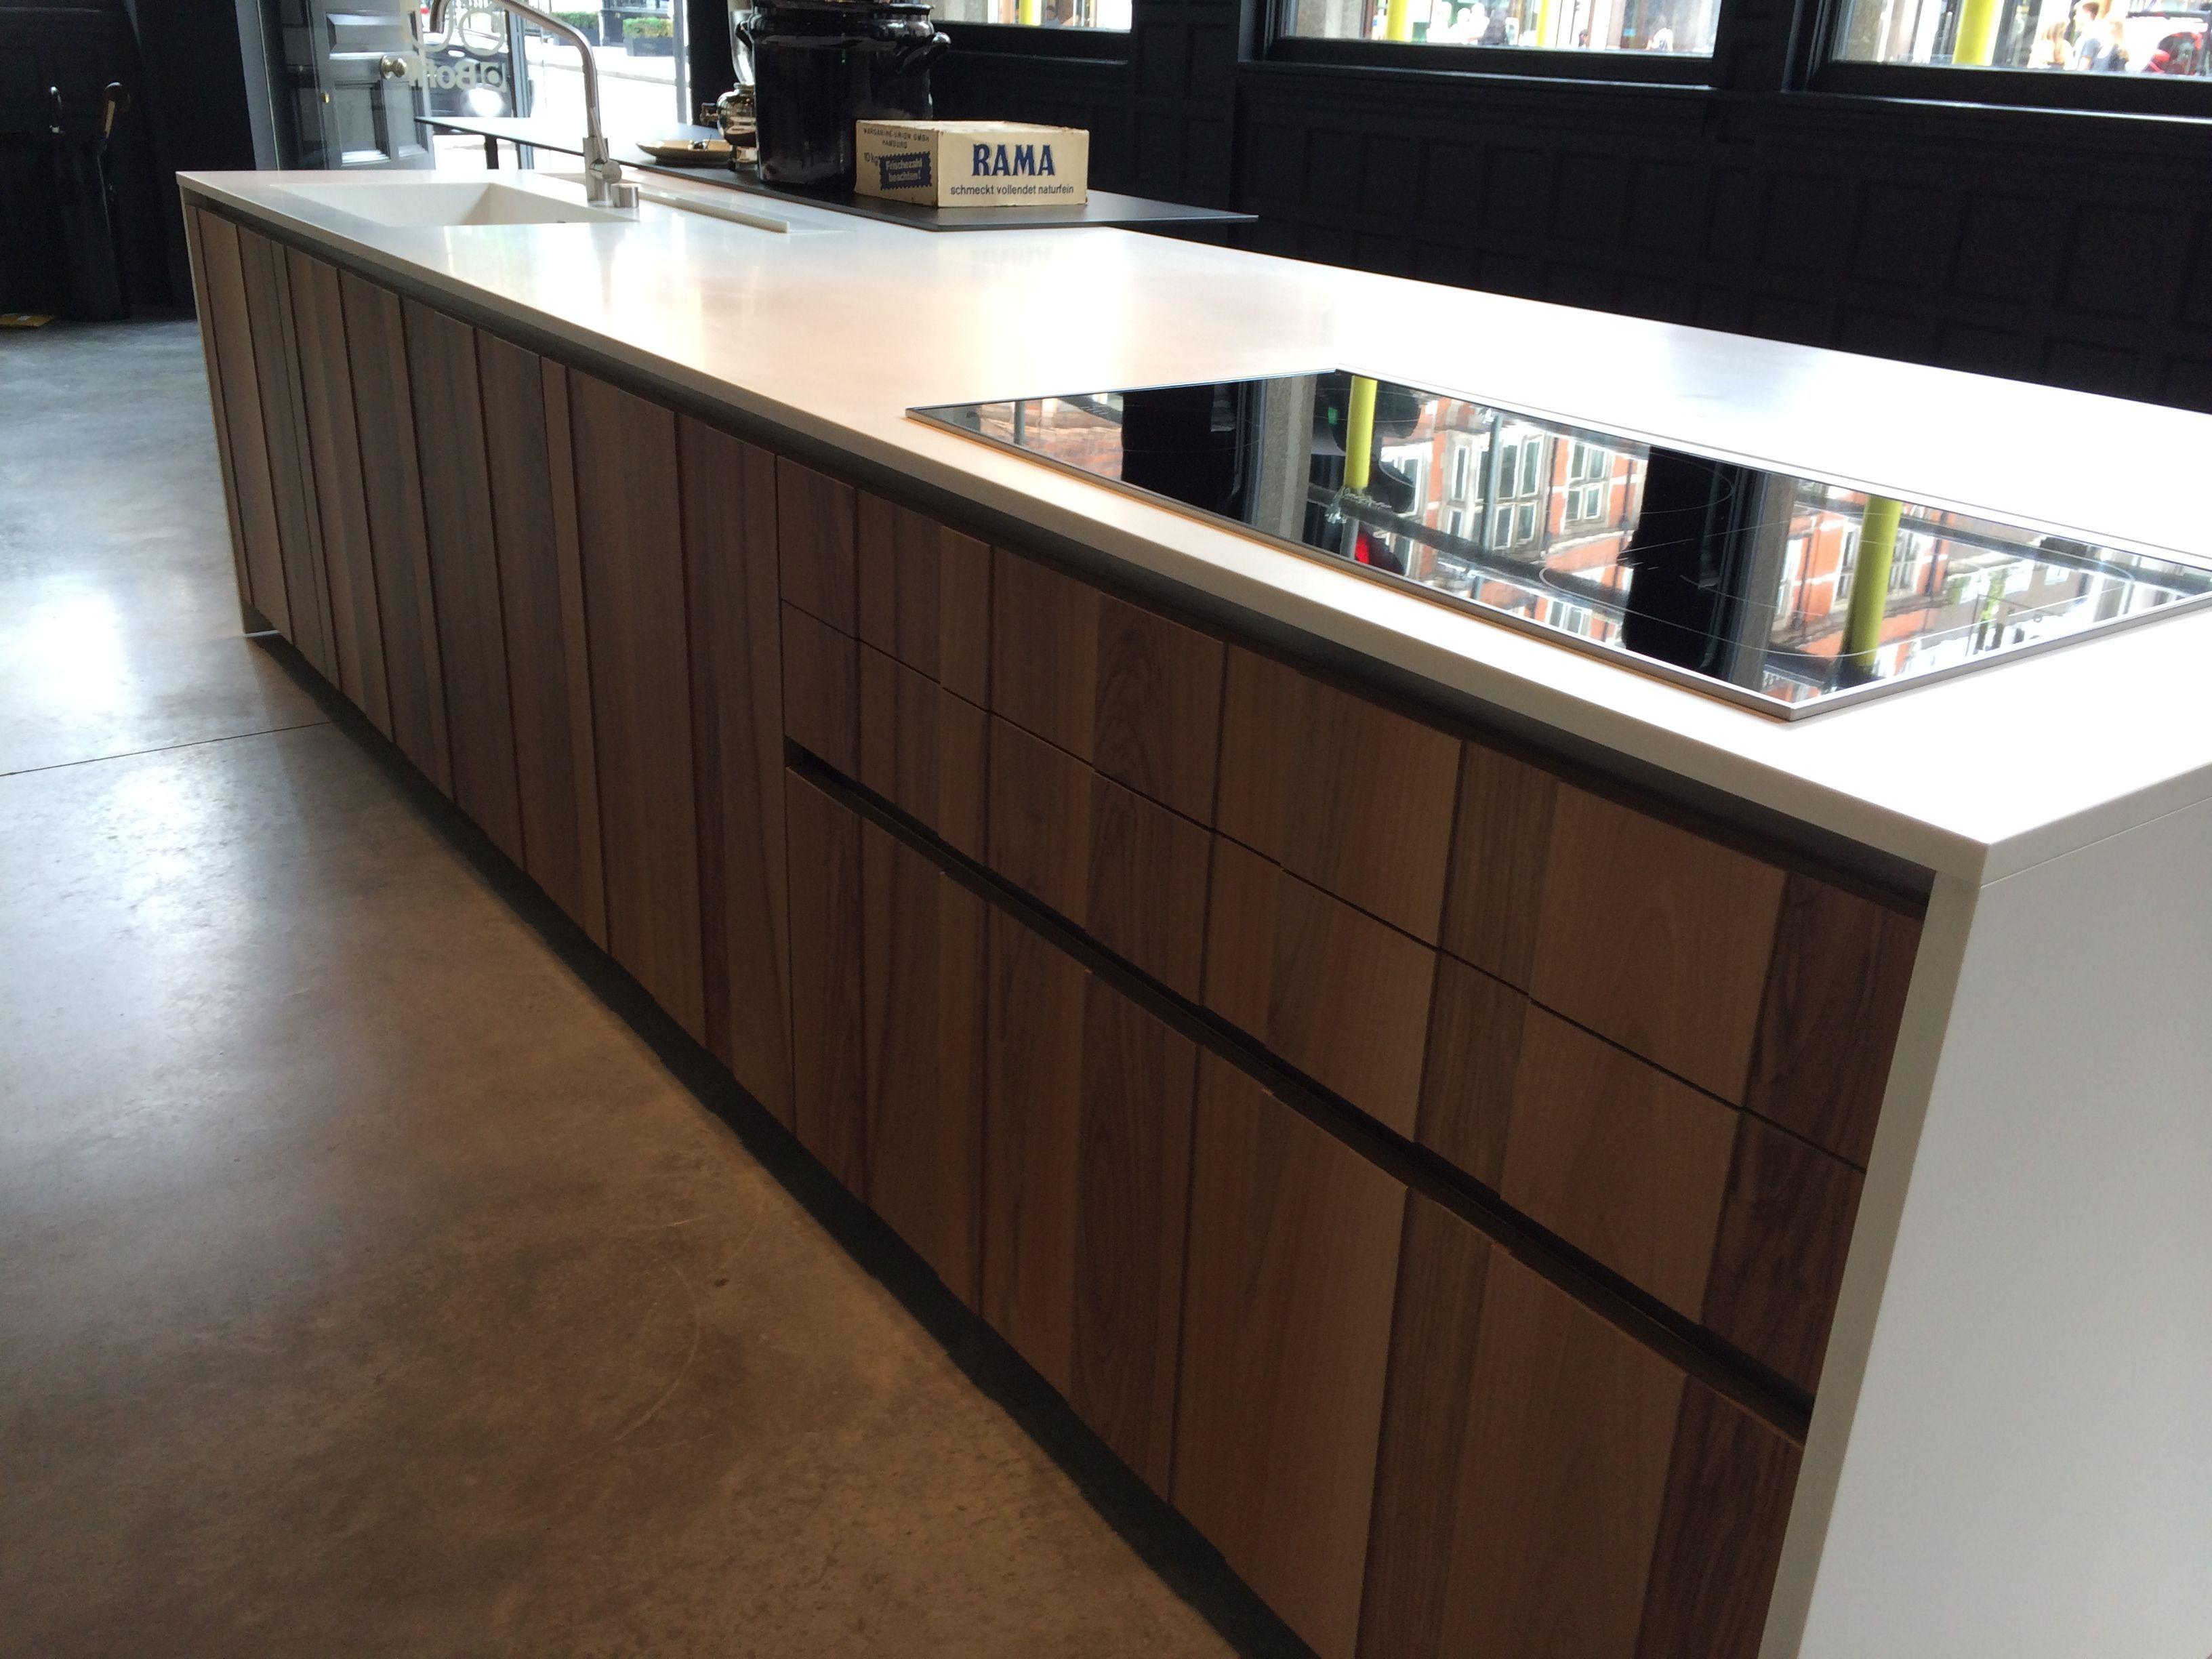 Boffi kitchen with wood   Kitchen furniture, Kitchen interior, Kitchen design